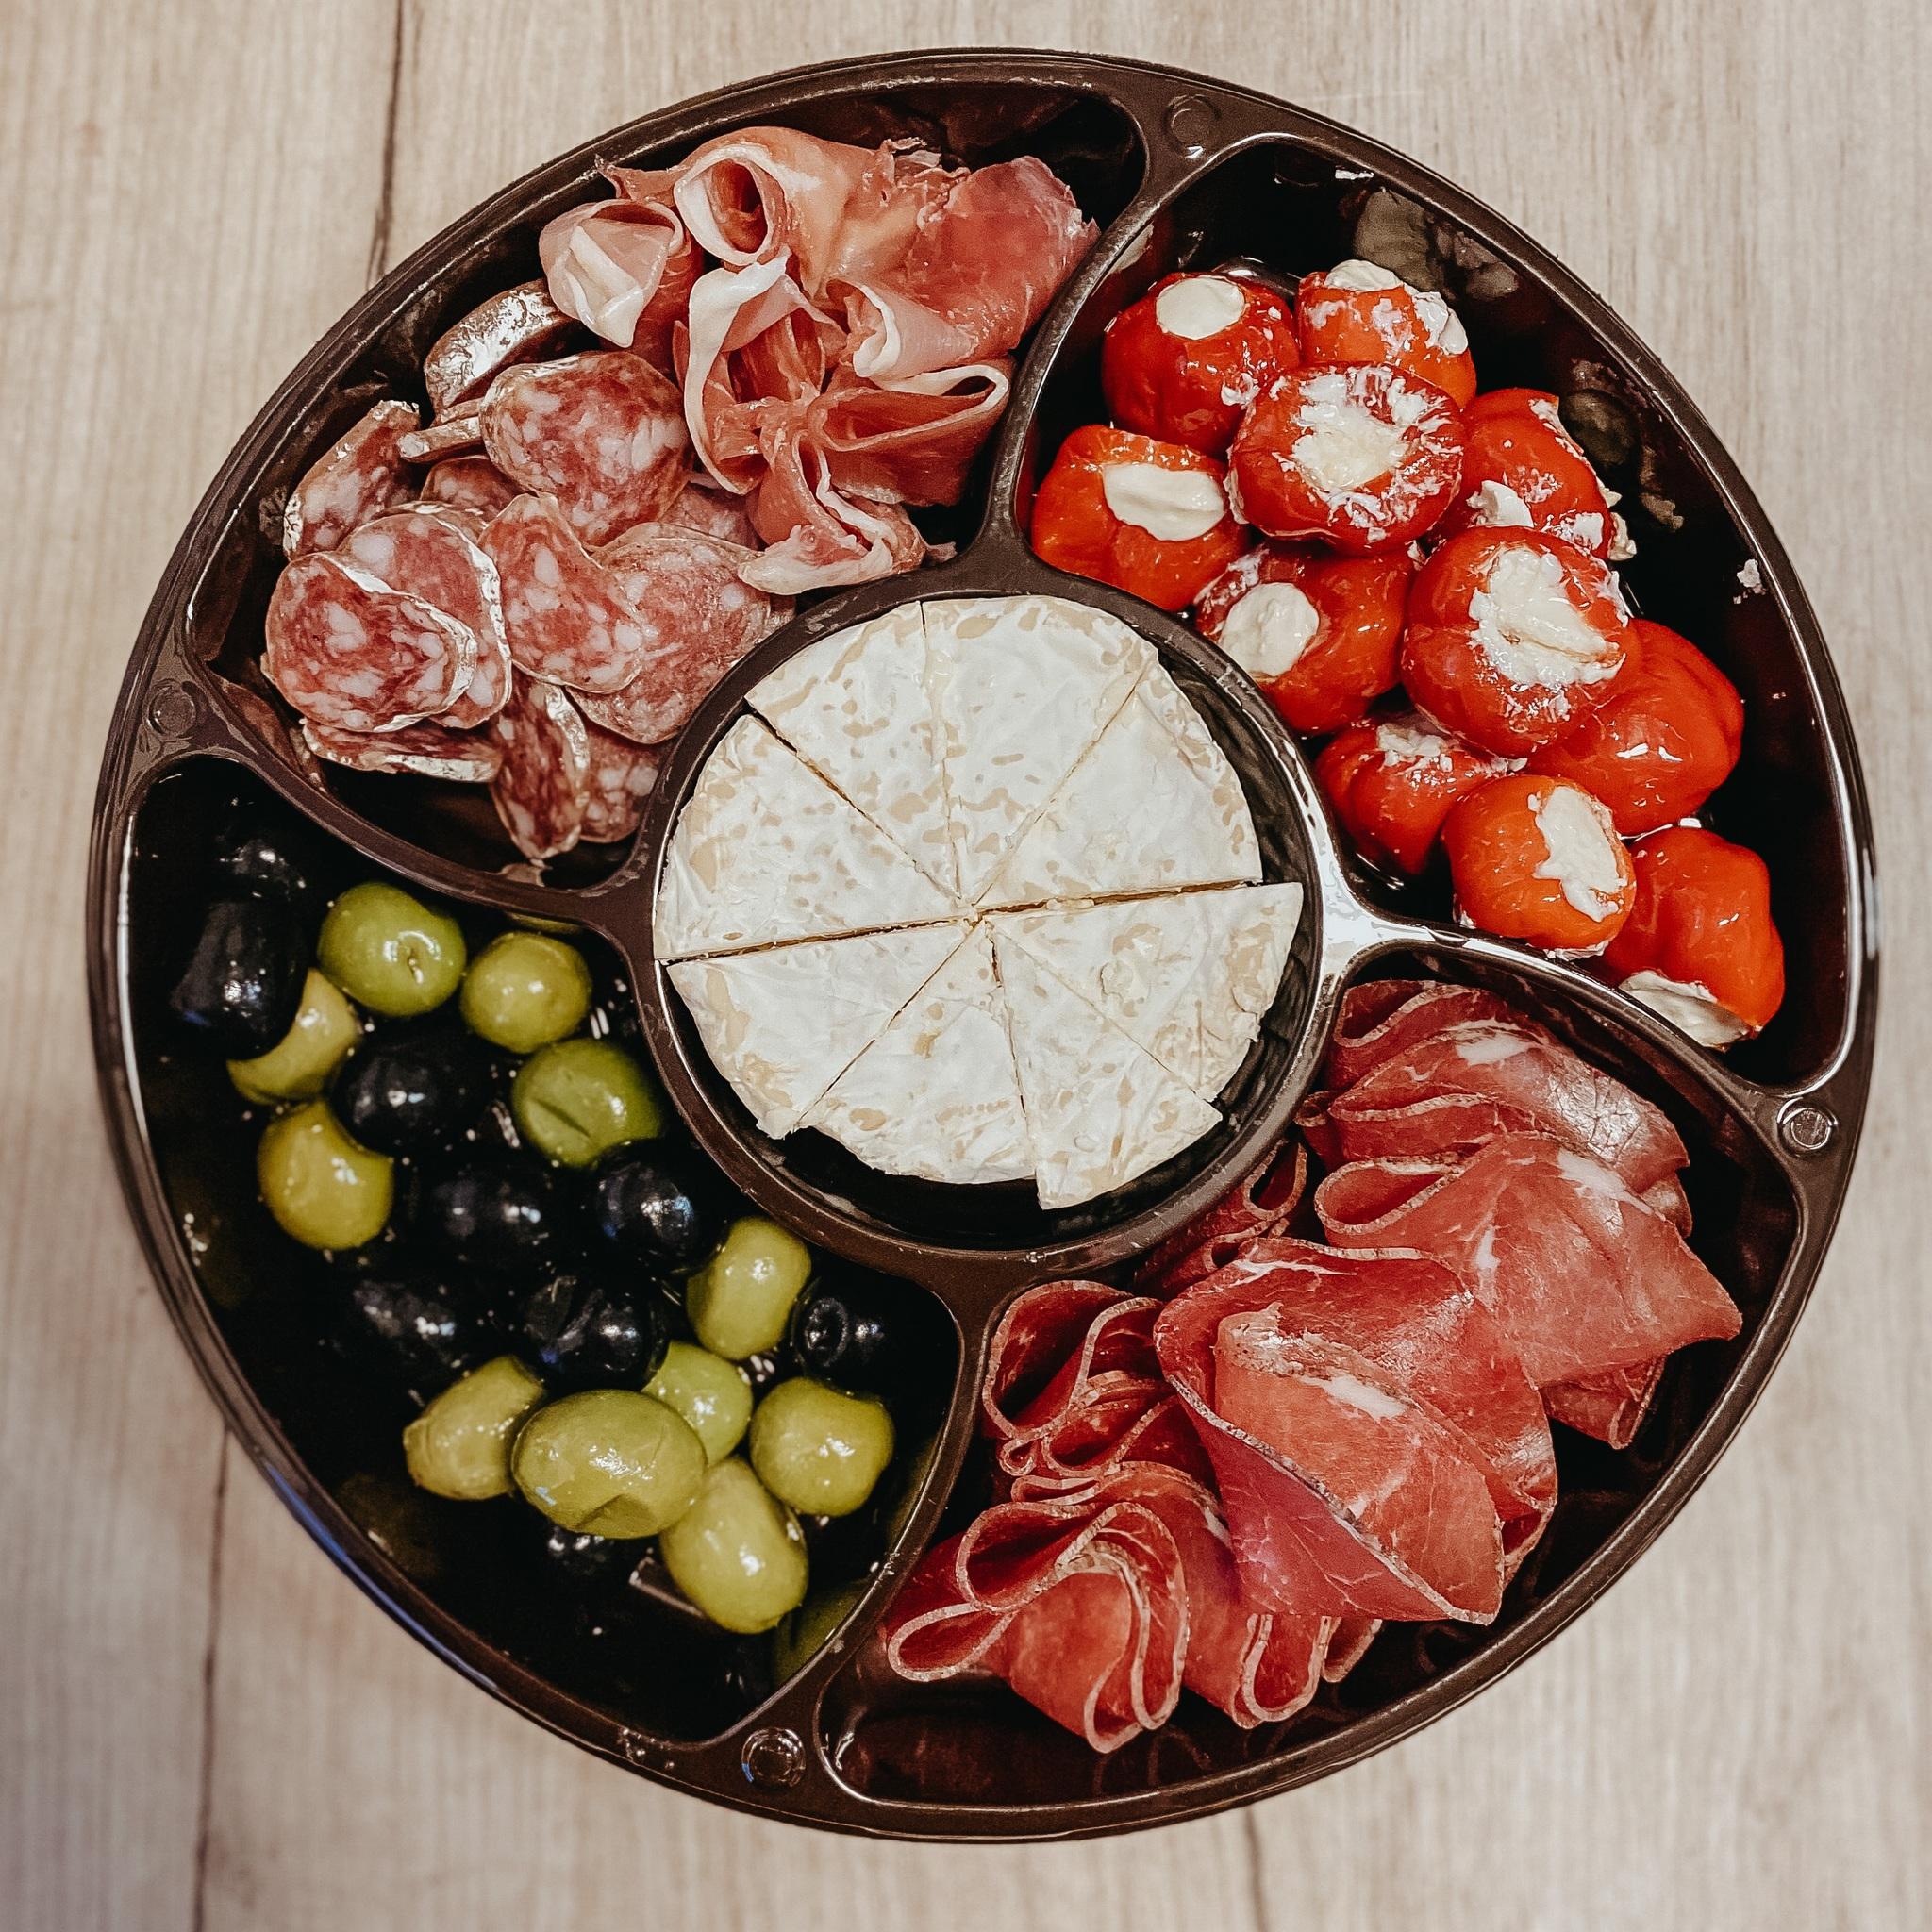 Сырная Тарелка «Валенсия», 680гр